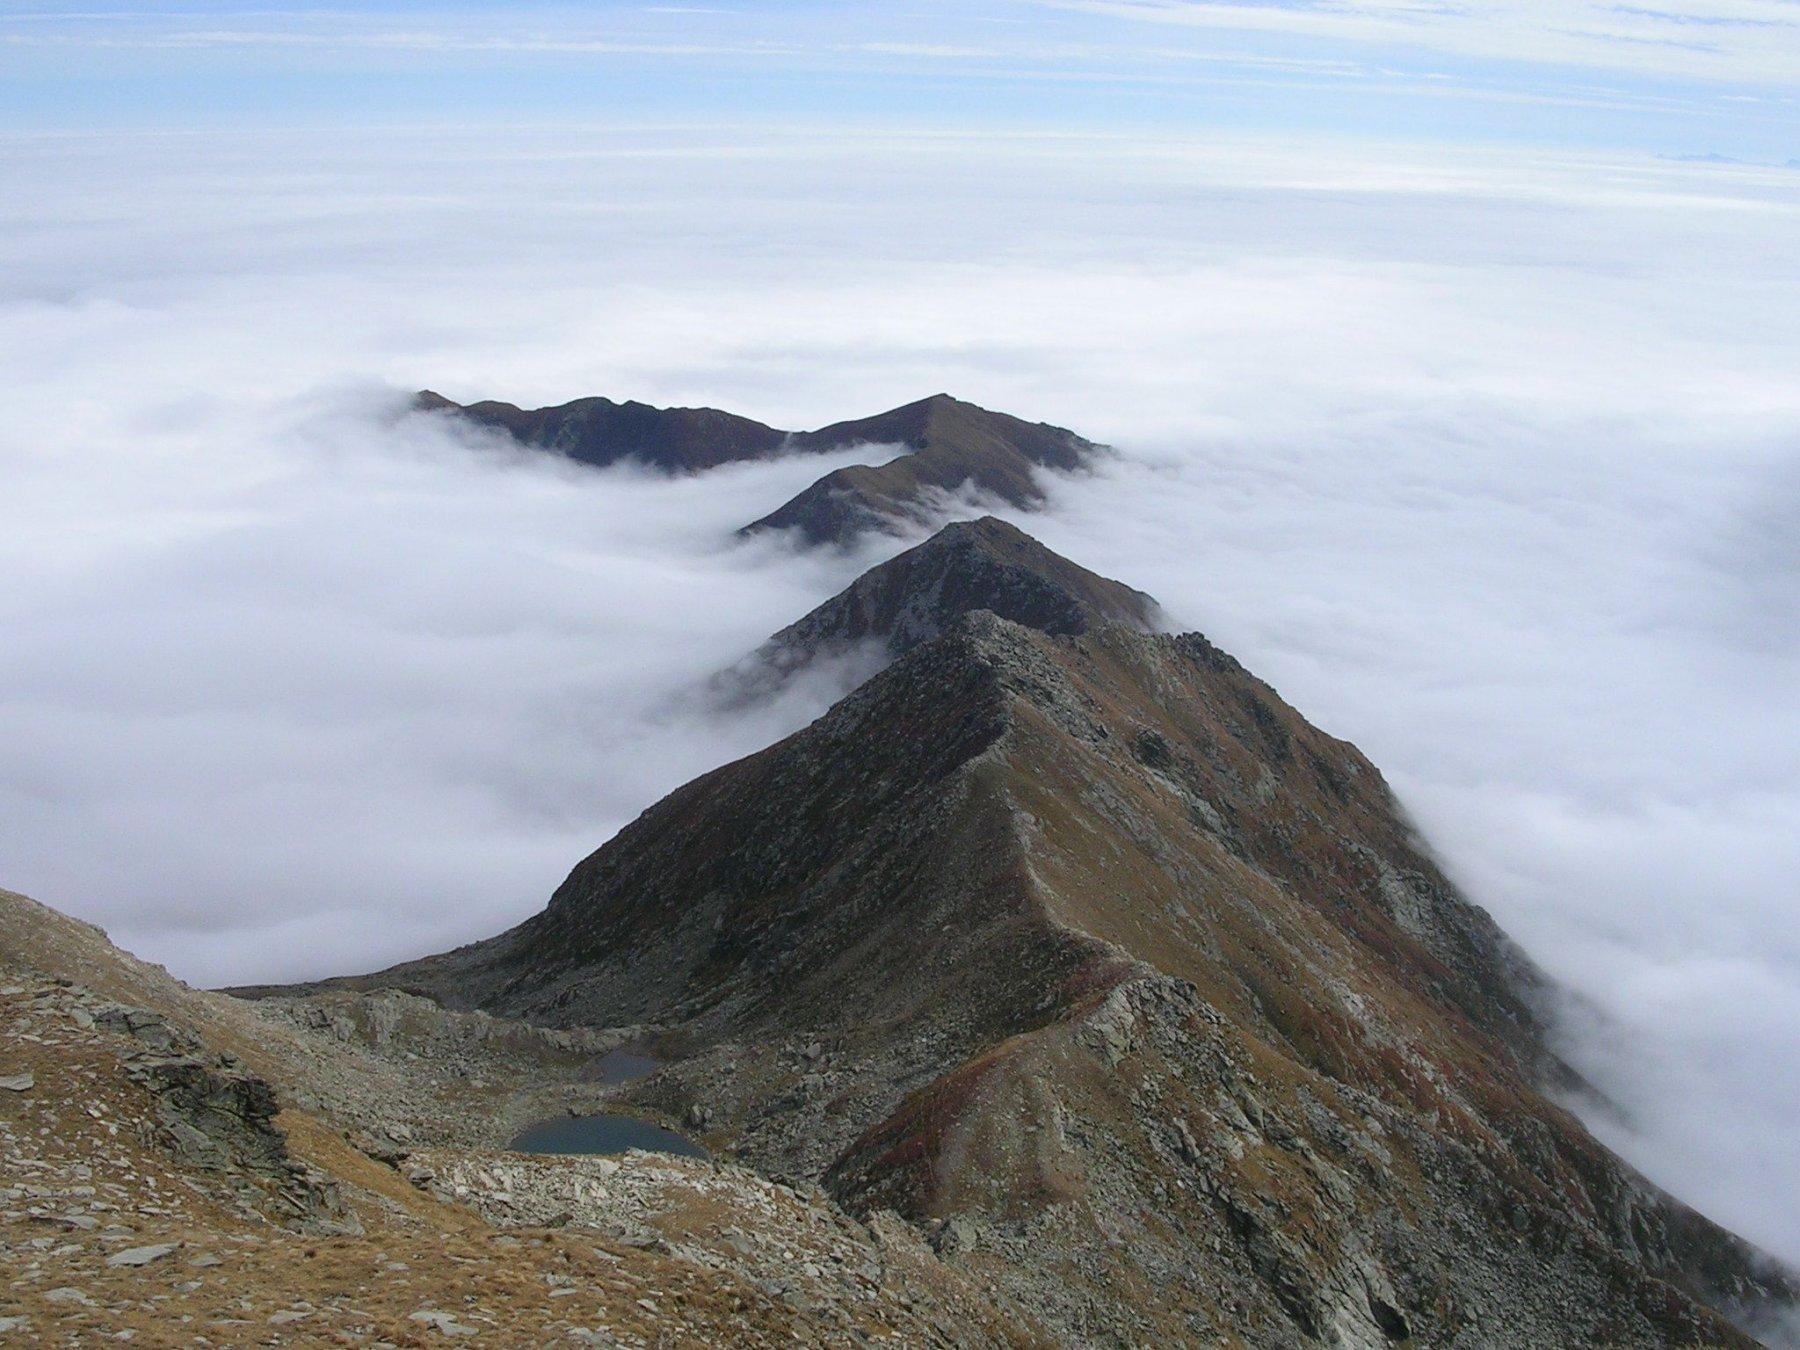 A sinistra valle Angrogna e lago Laus, a destra val Pellice.